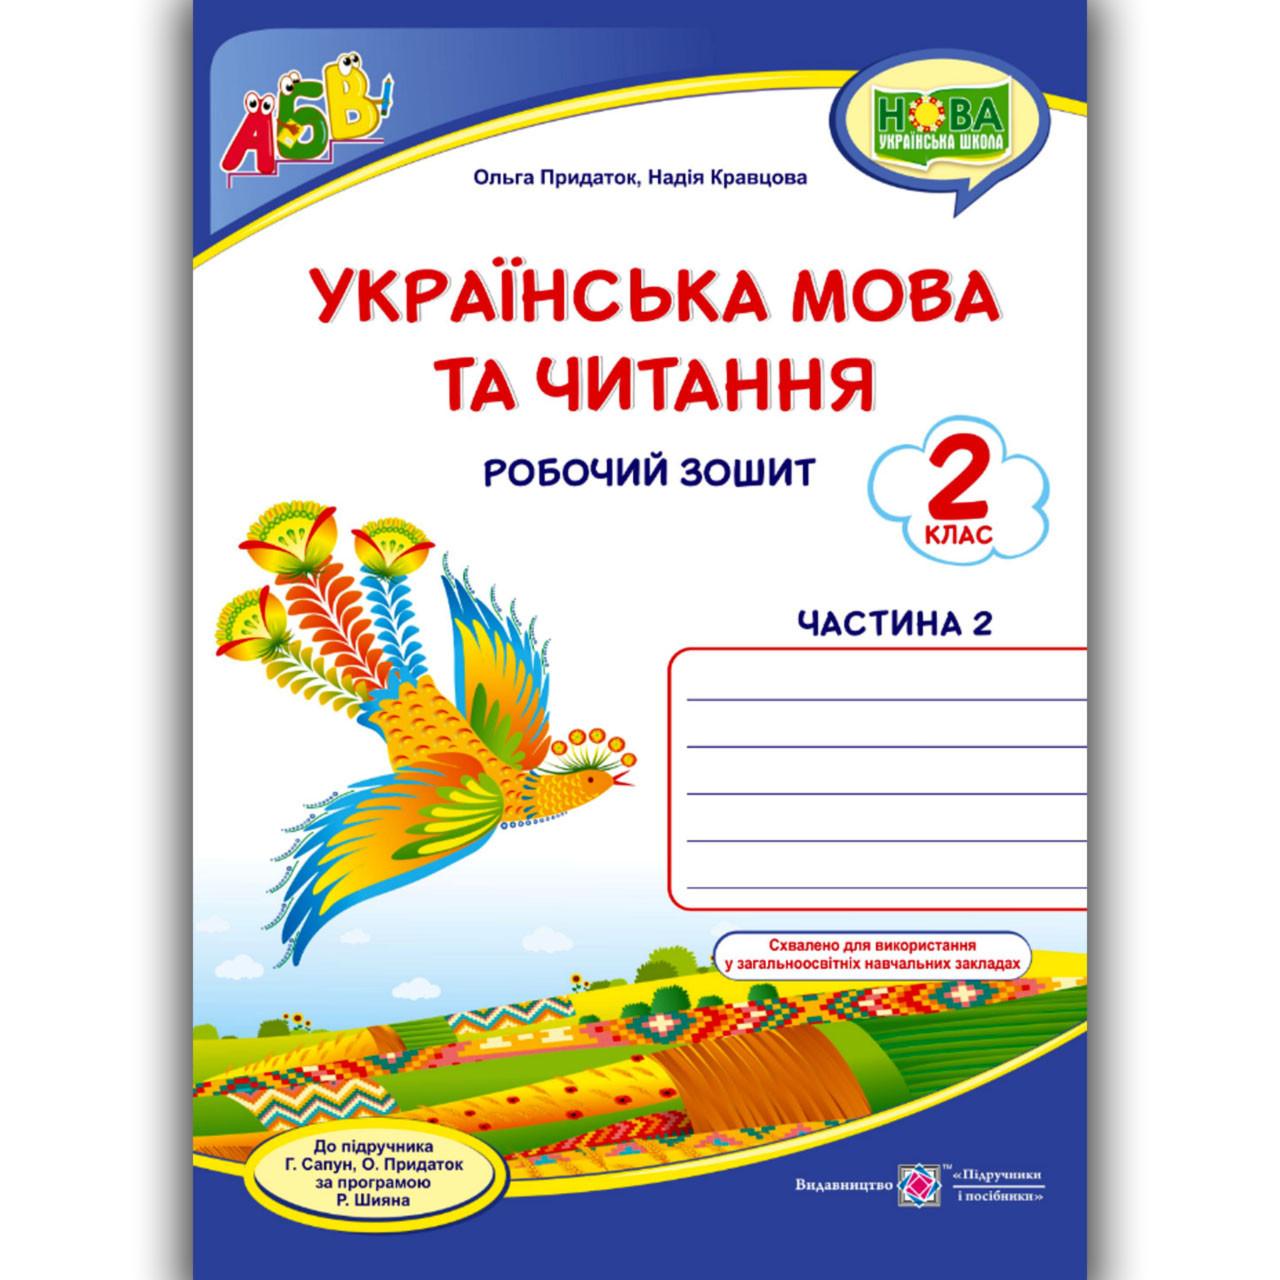 Зошит Українська мова 2 клас Частина 2 До підручника Сапун Г. Авт: Придаток О. Вид: Підручники і Посібники